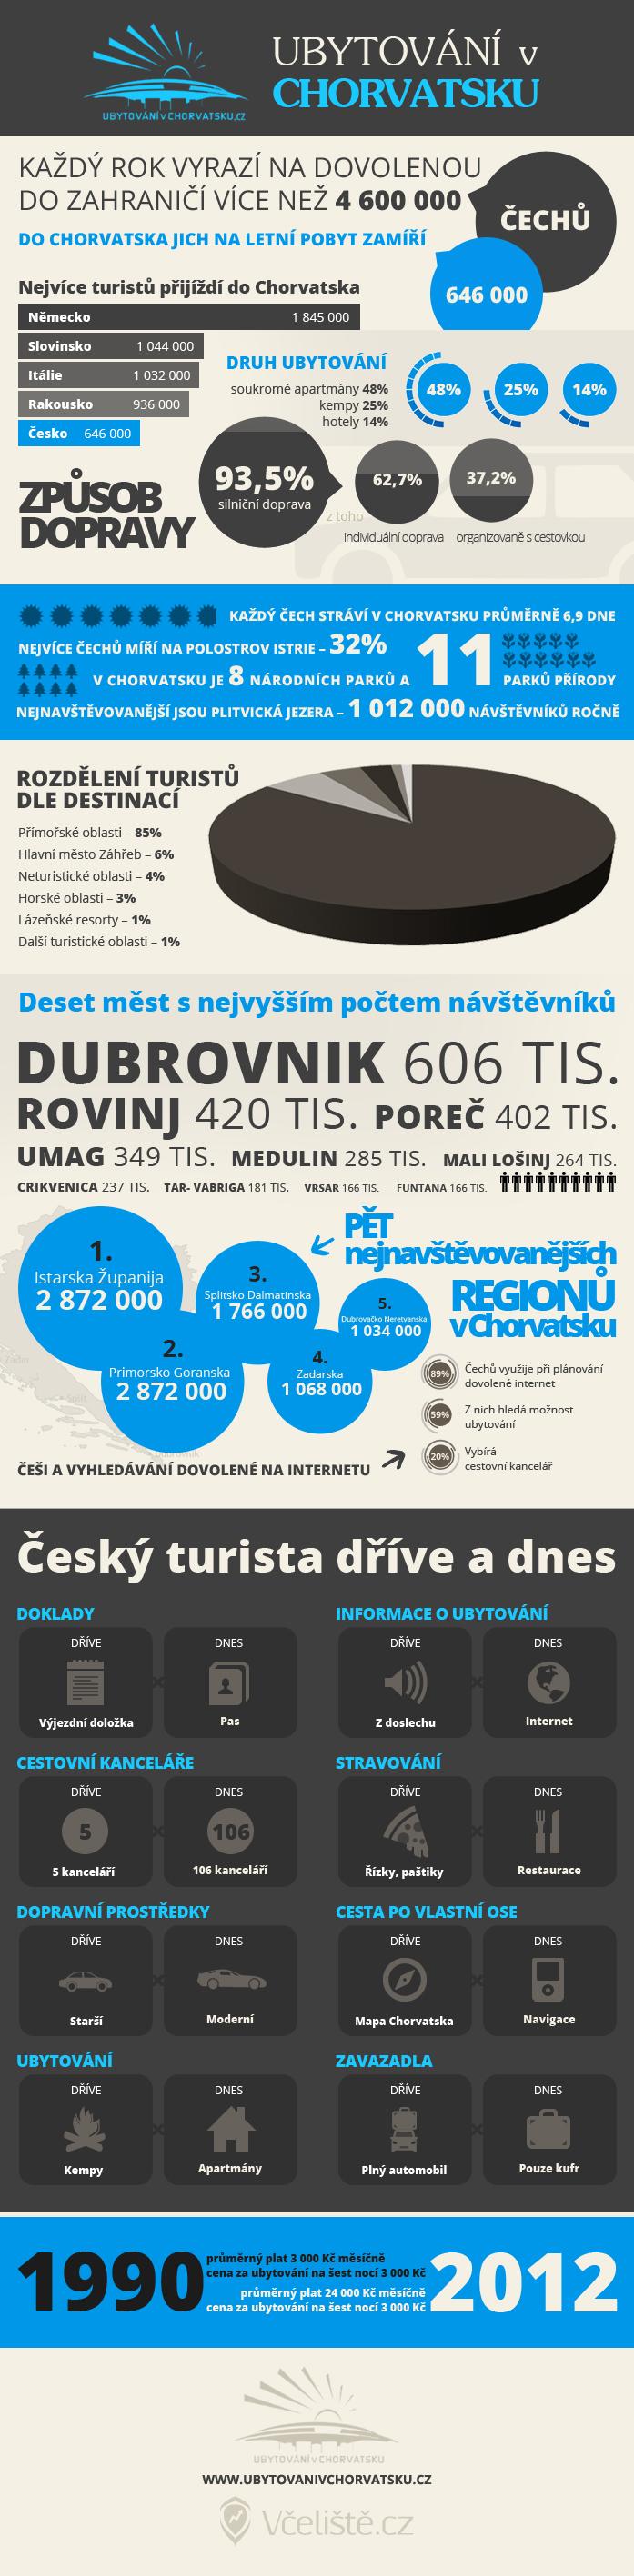 Statistiky ubytování v Chorvatsku